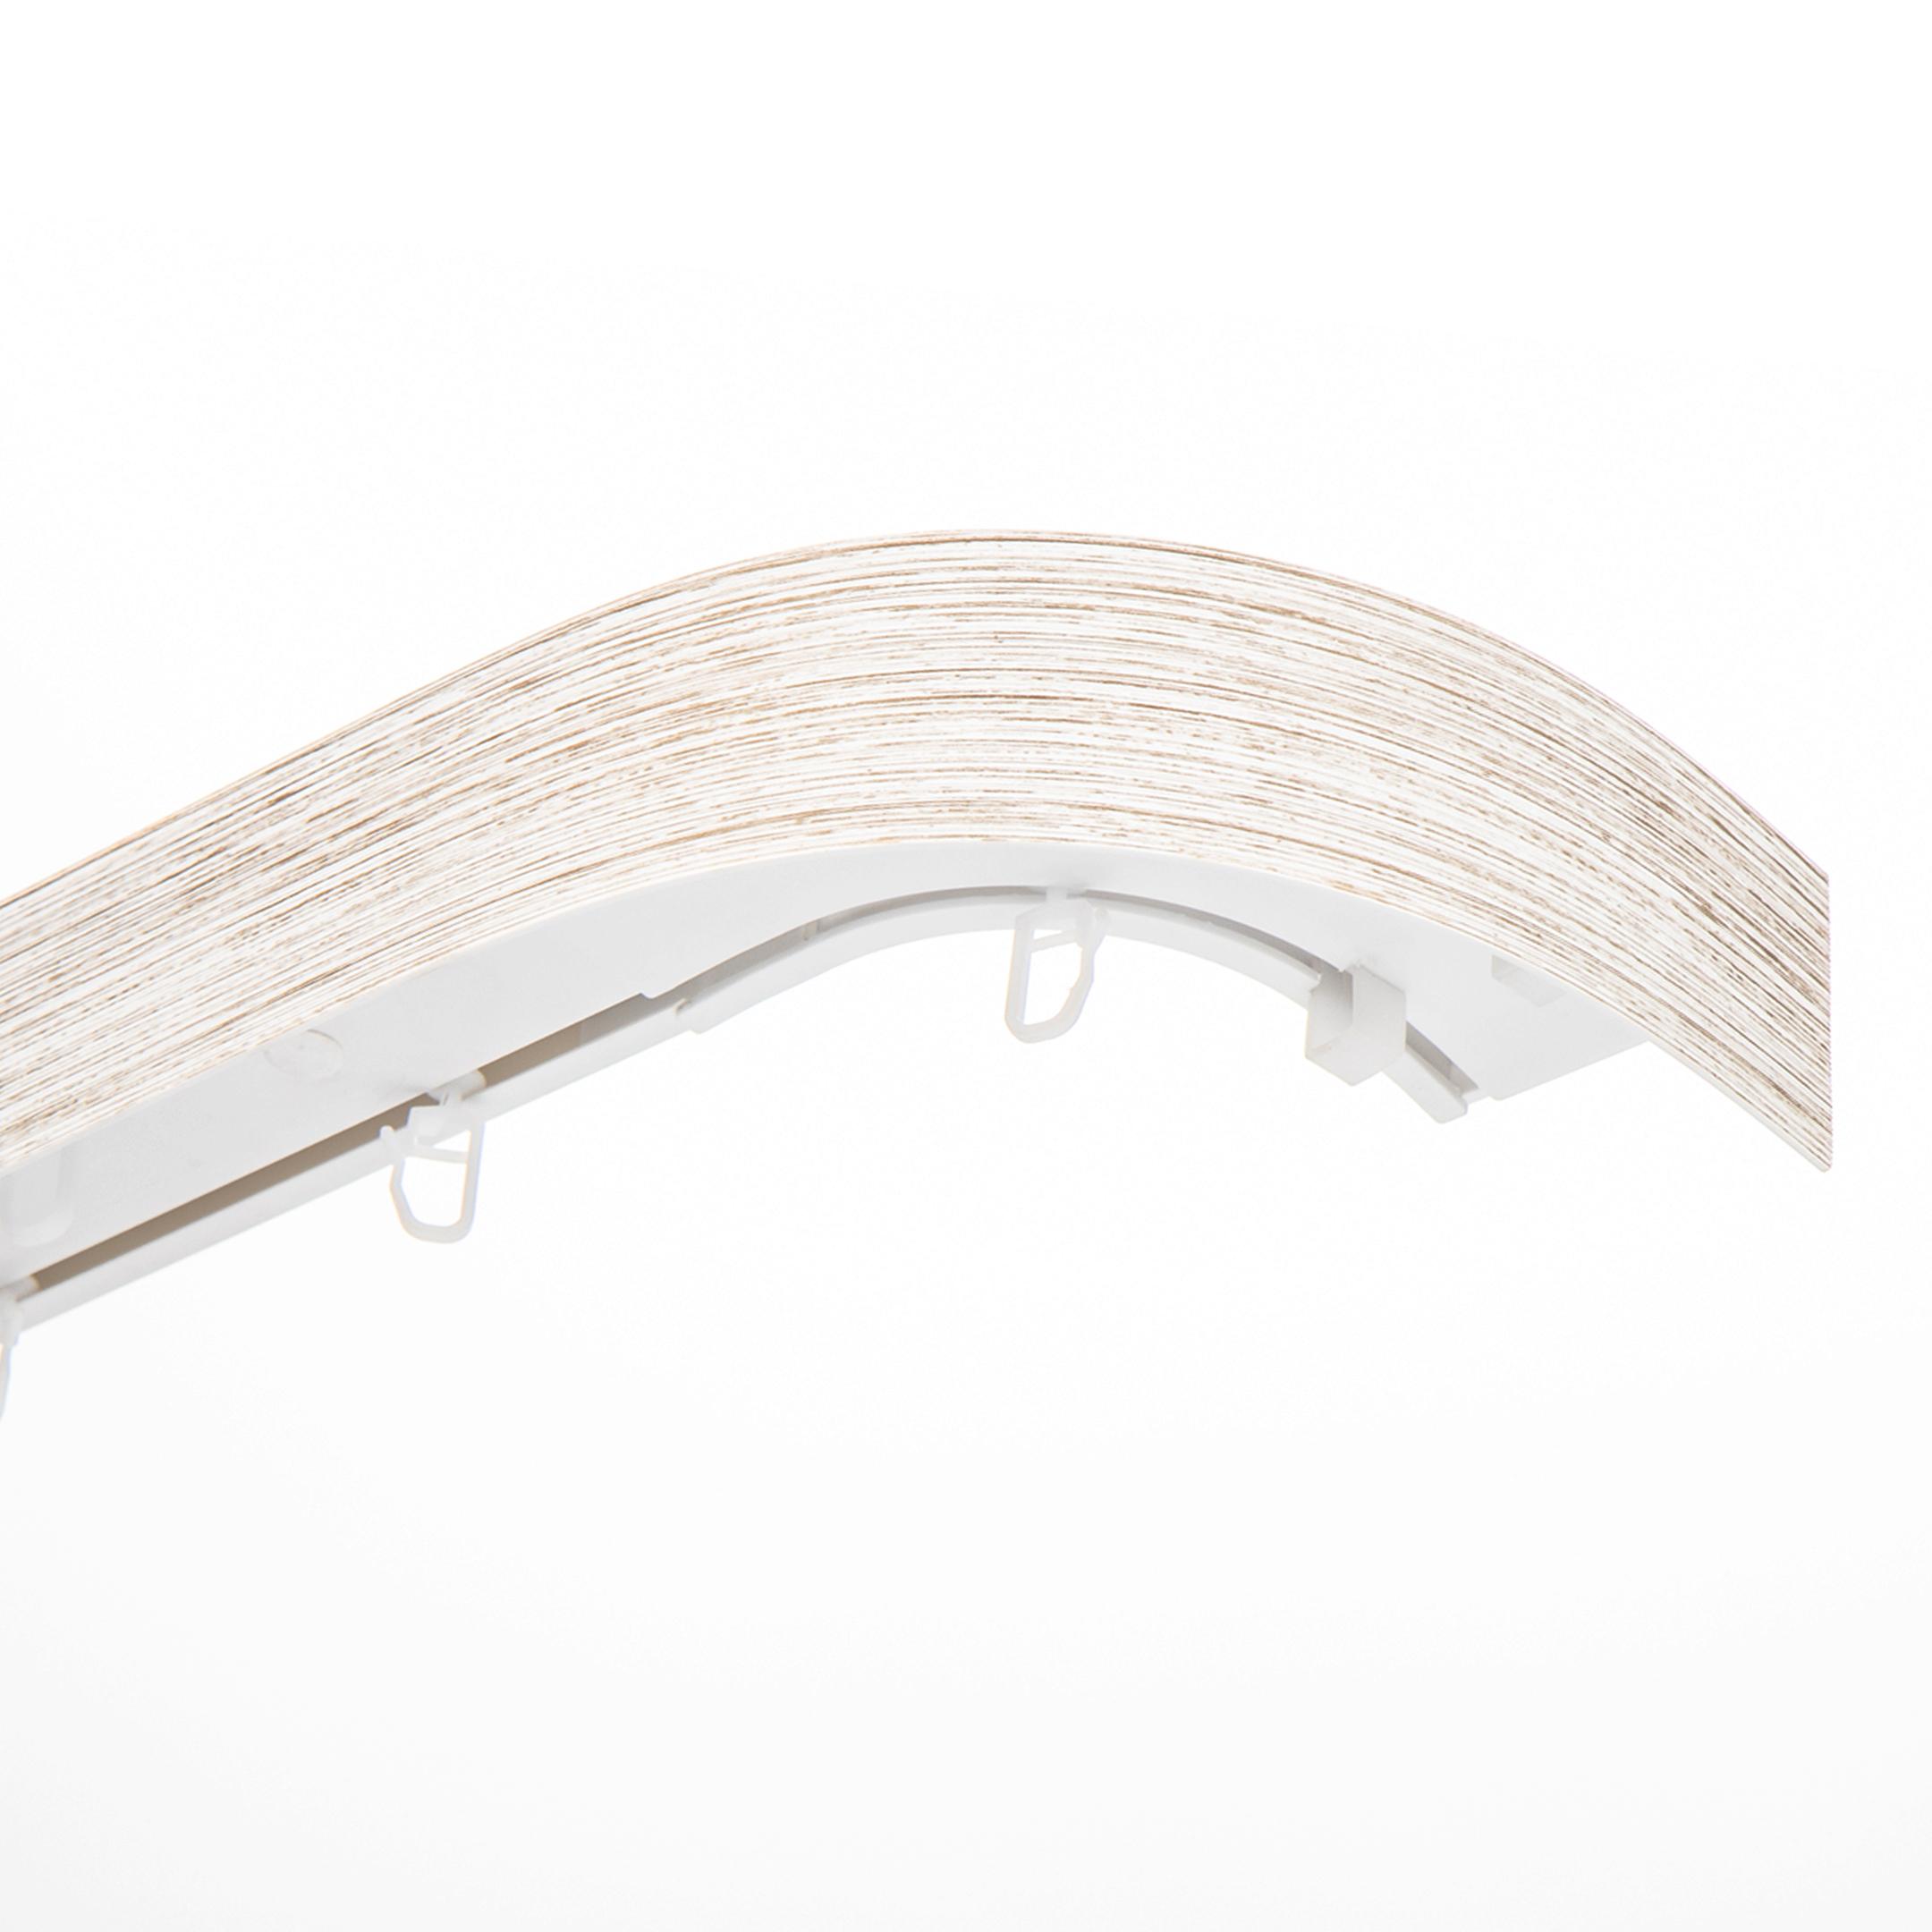 Карниз потолочный пластмассовый двухрядный с блендой 240 см белый/золото